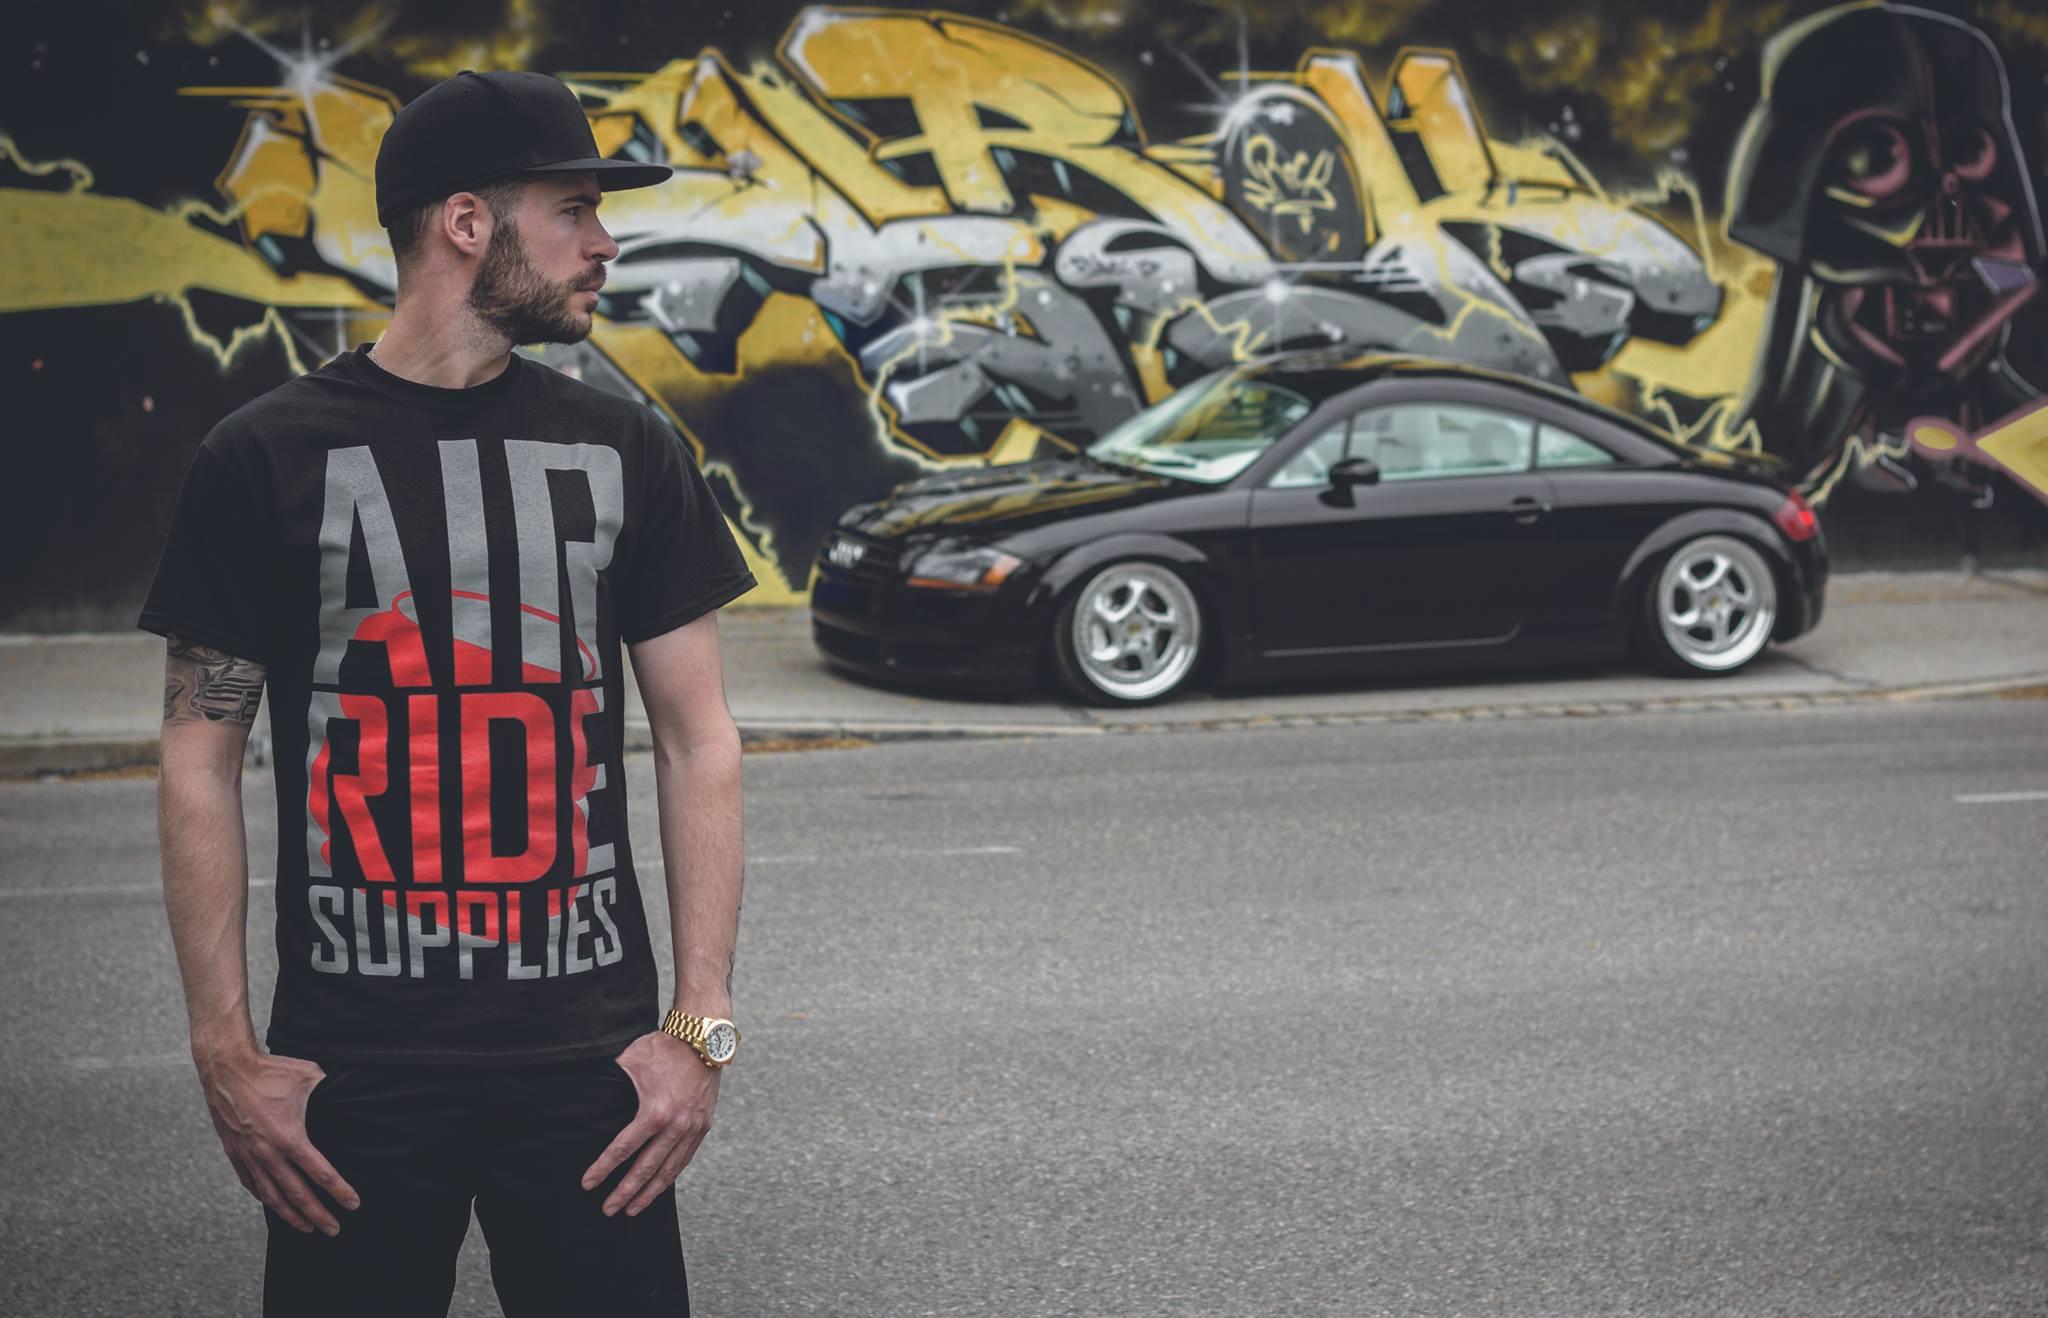 airride supplies T-Shirt